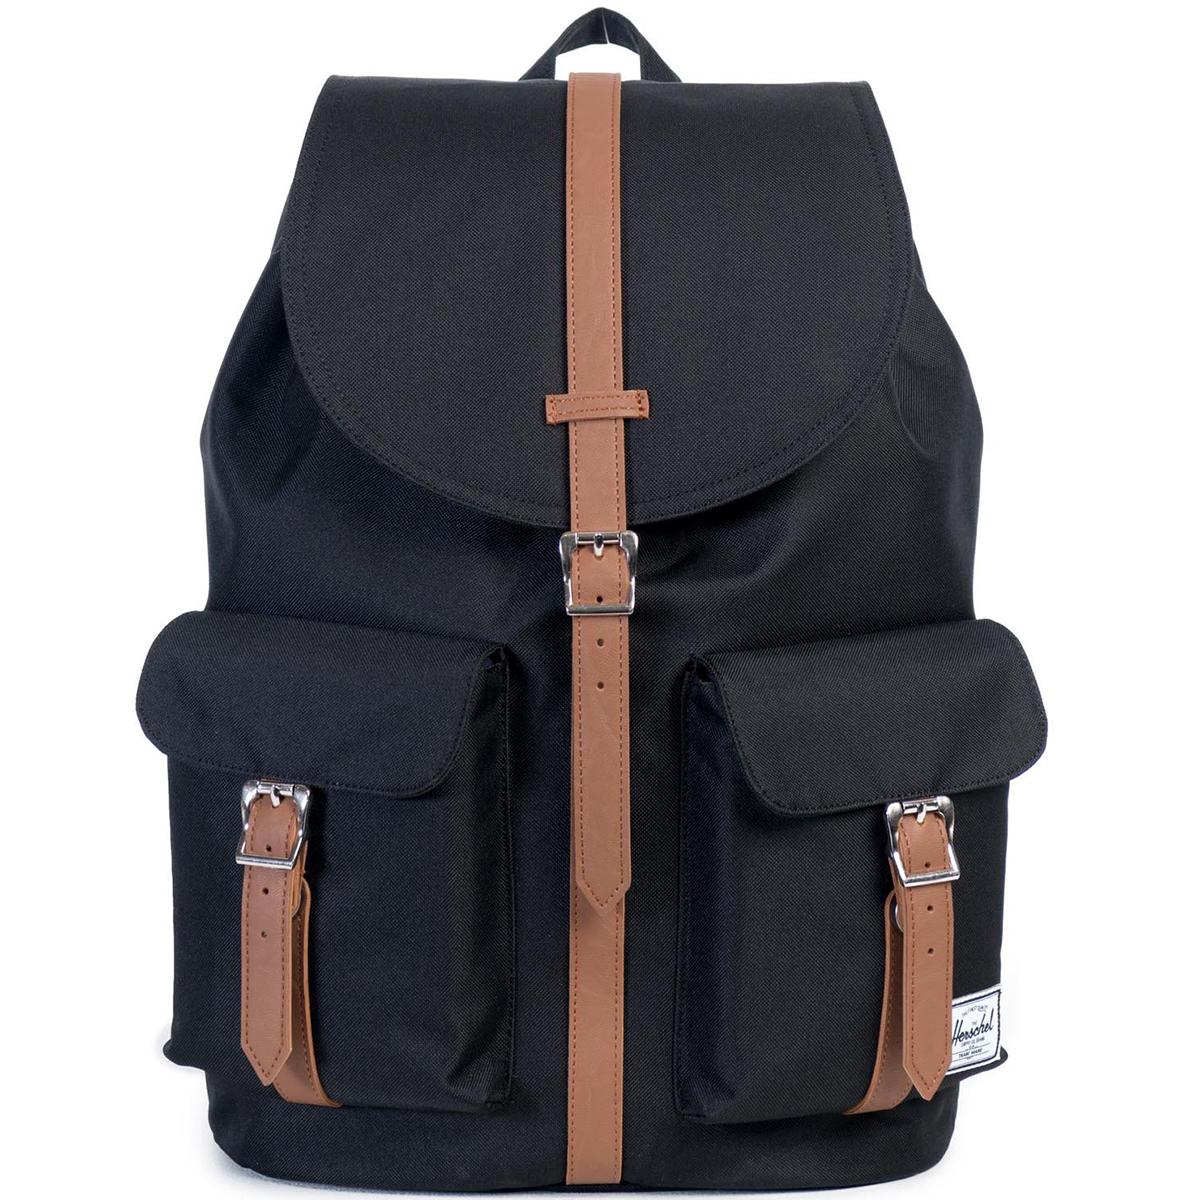 Рюкзак городской Herschel Dawson (A/S), цвет: черный, светло-коричневый. 828432082667828432082667Рюкзак Herschel Dawson ™ функциональный и вместительный, создан для разведки. Удобные внешние карманы.